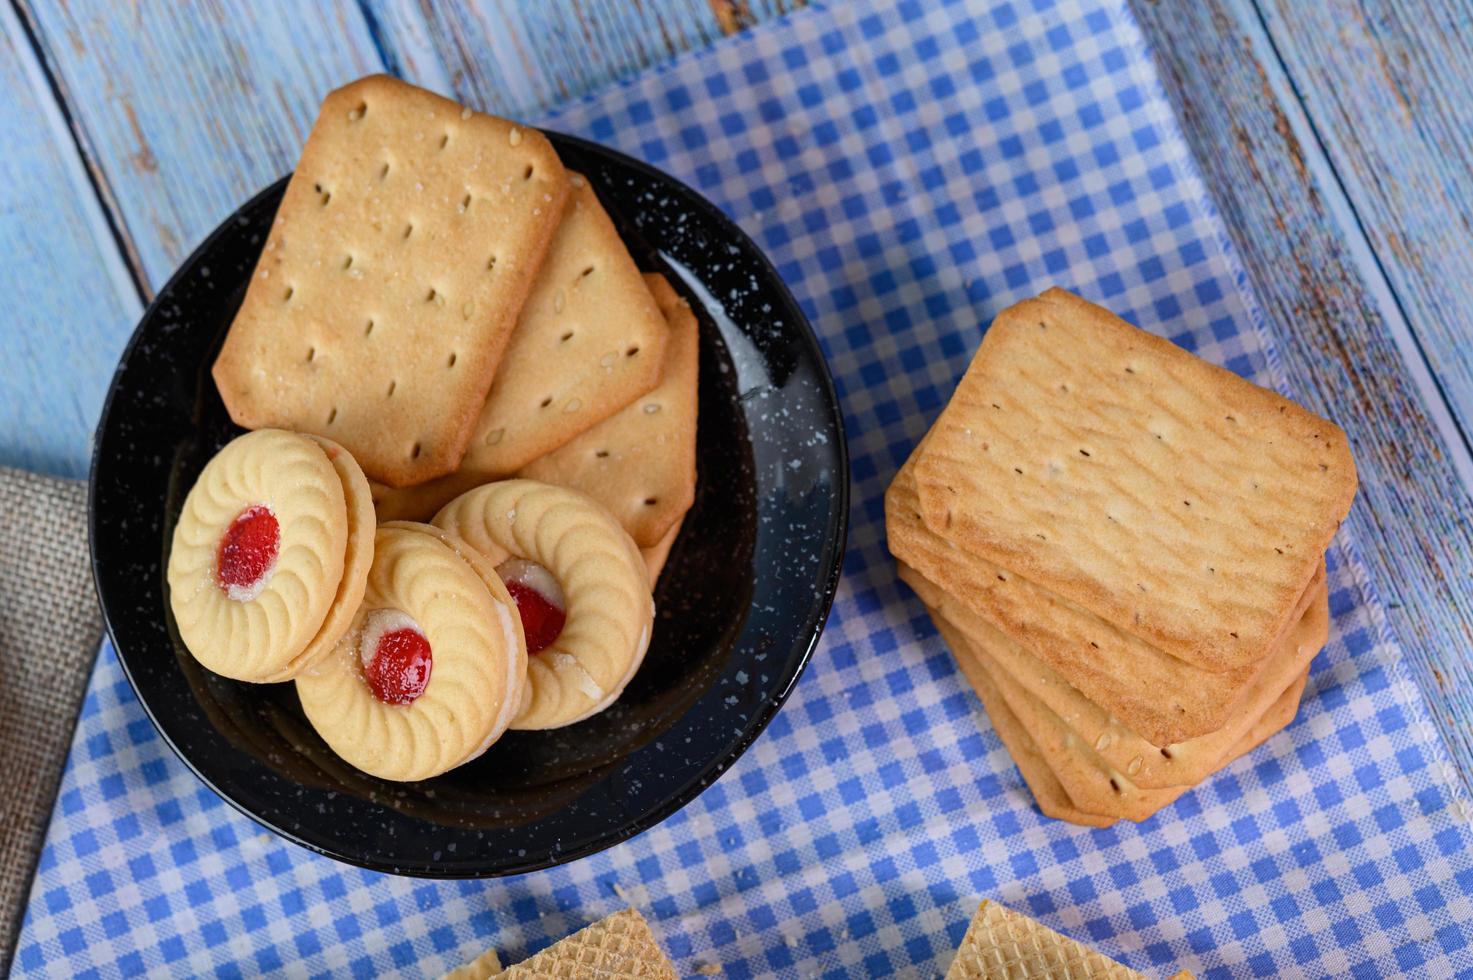 Kekse und Cracker foto